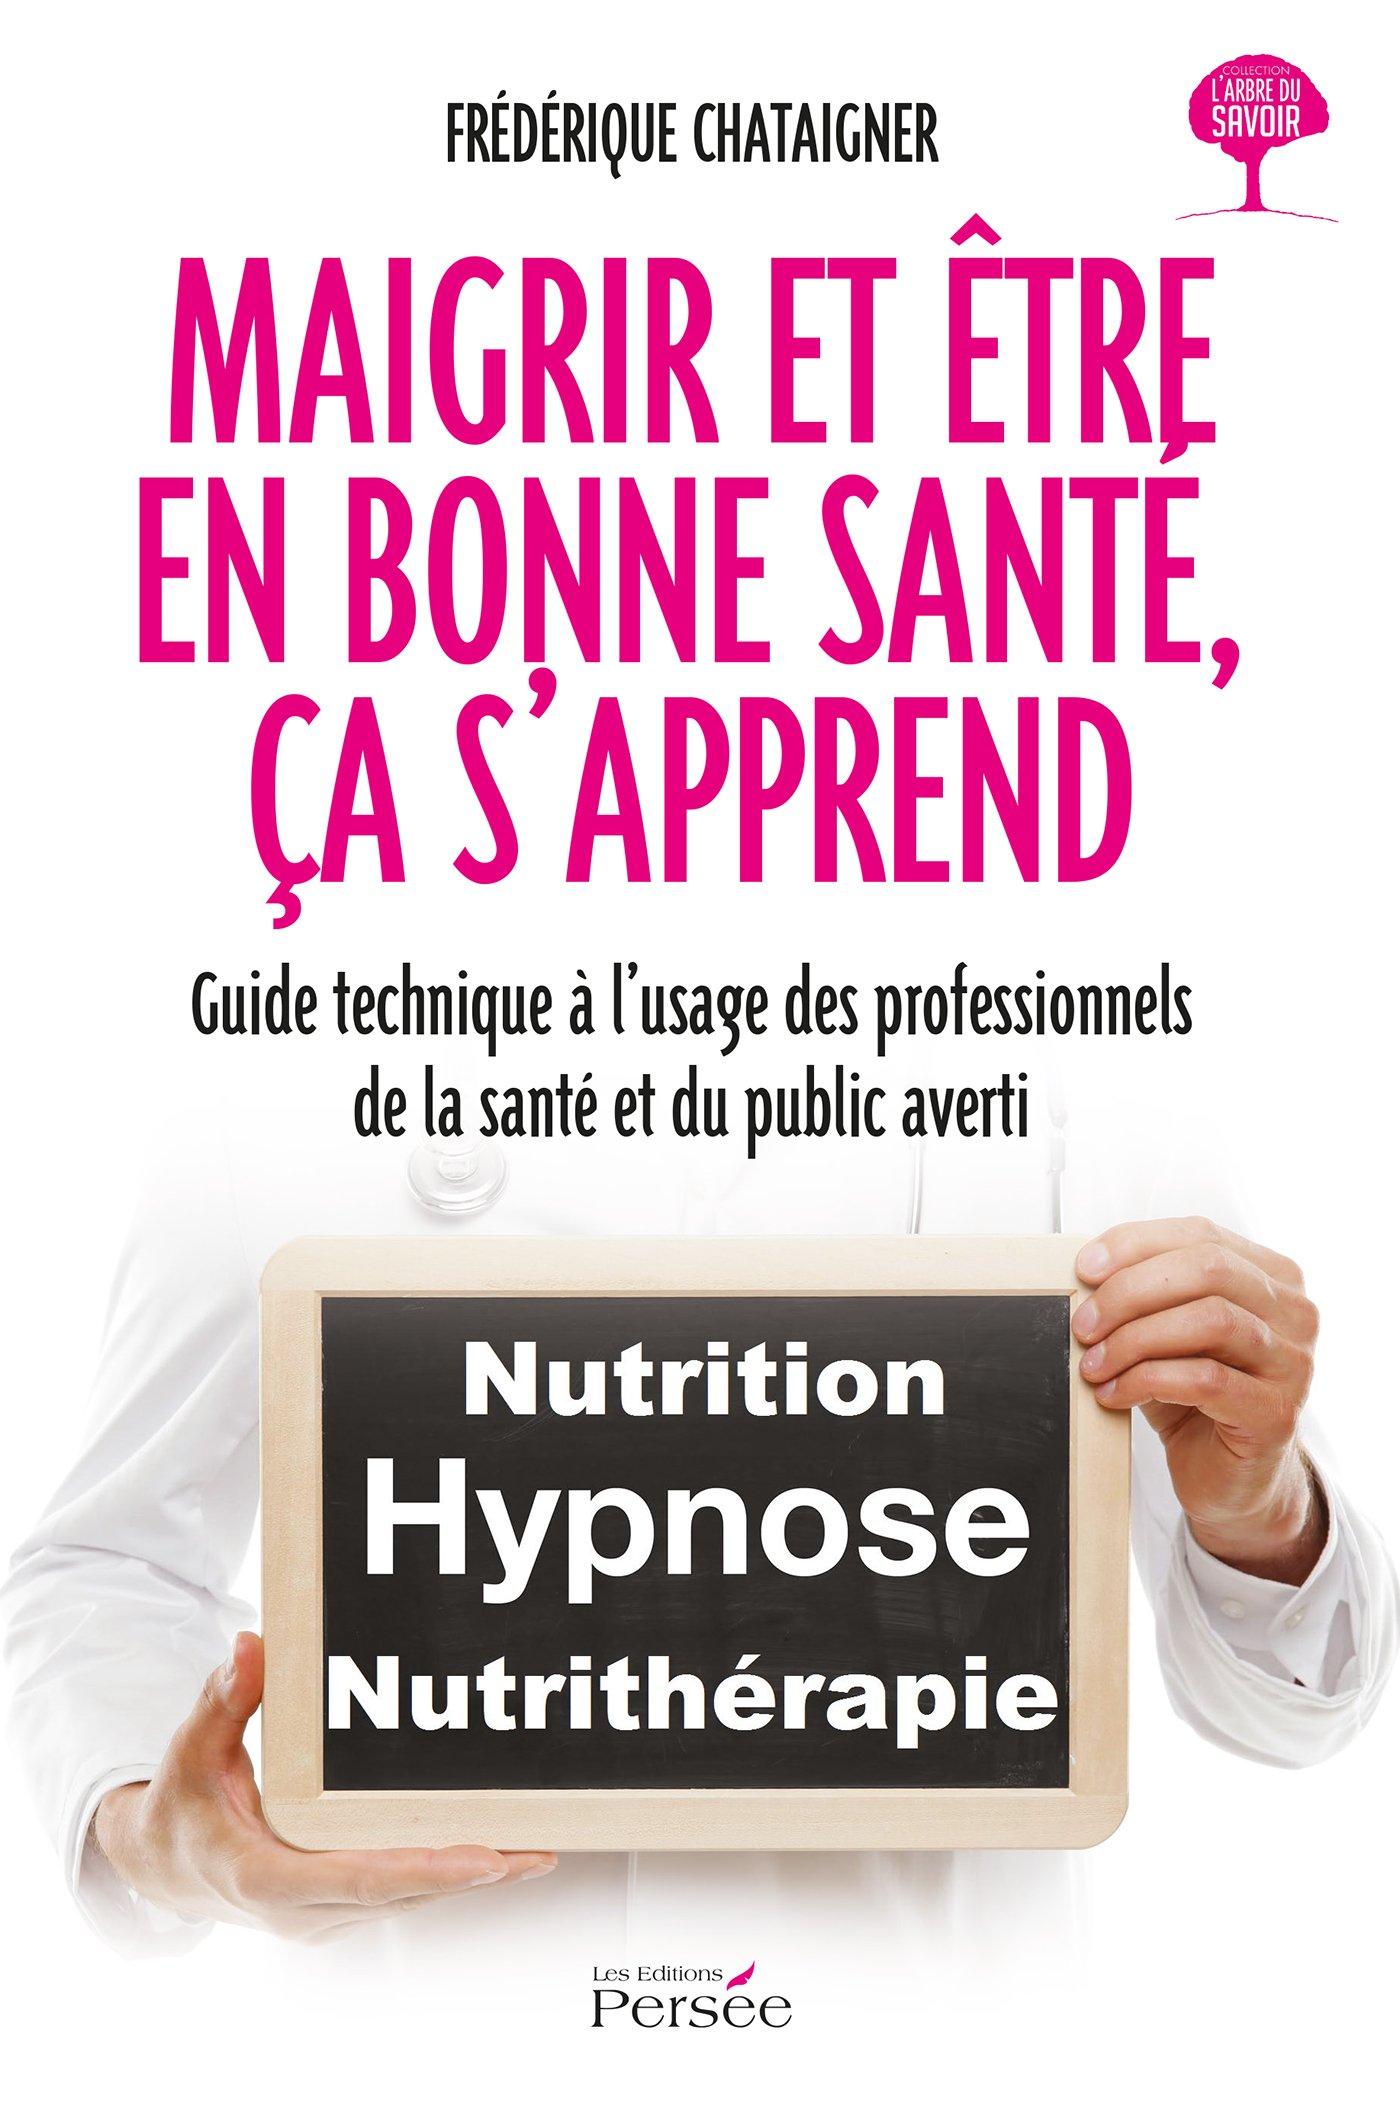 Maigrir et être en bonne santé, ça s'apprend por Frédérique Chataigner